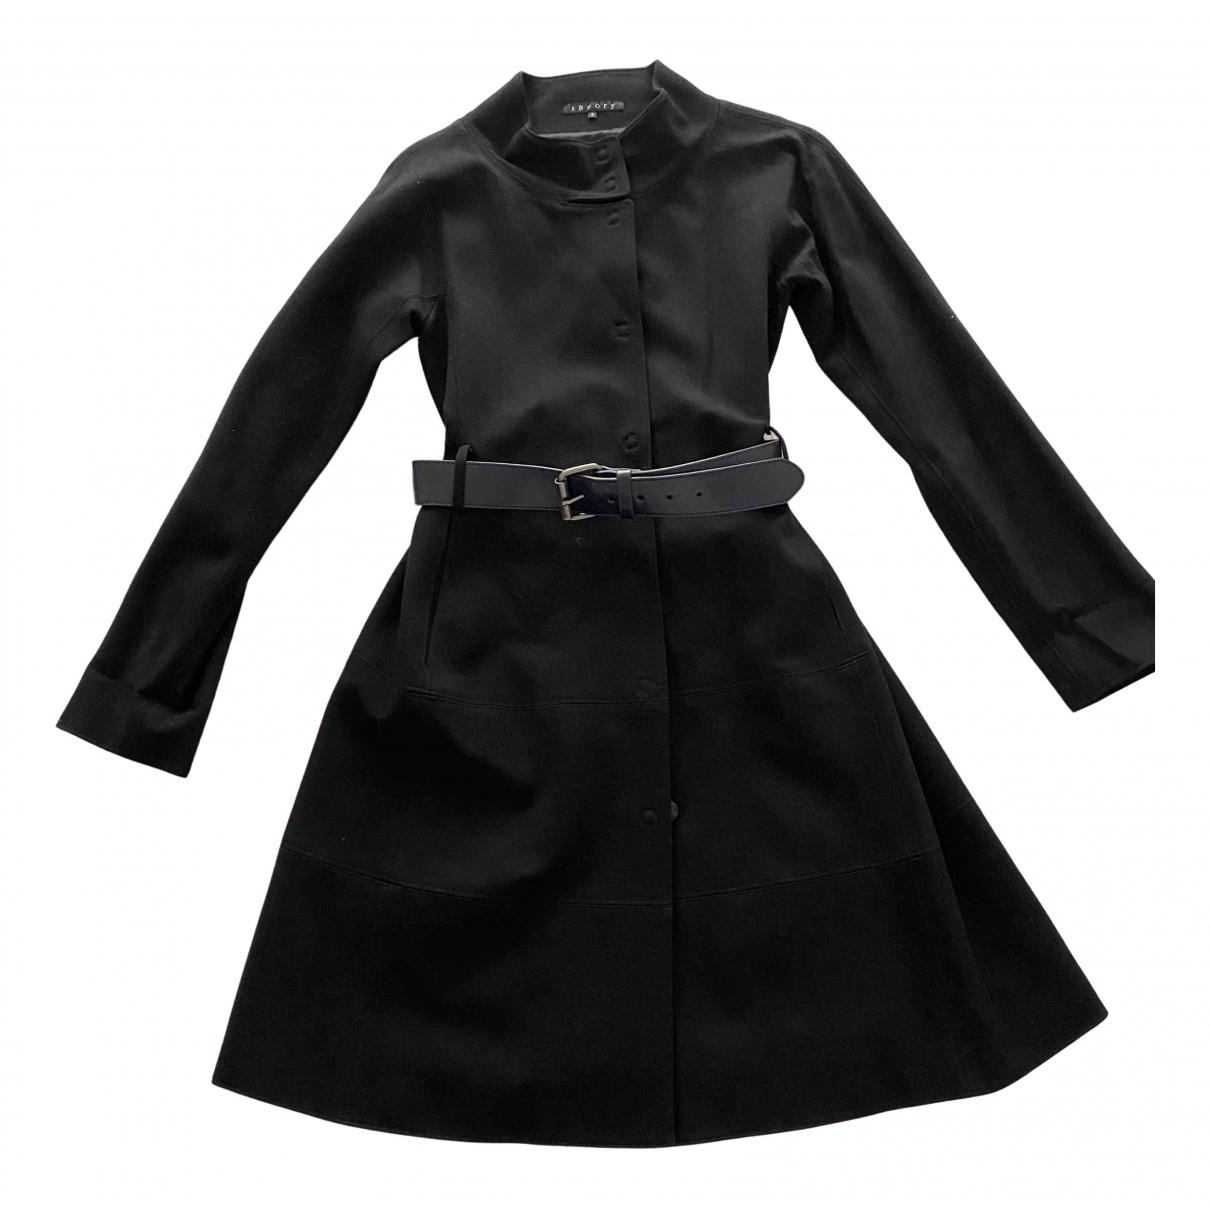 Theory - Manteau   pour femme - noir